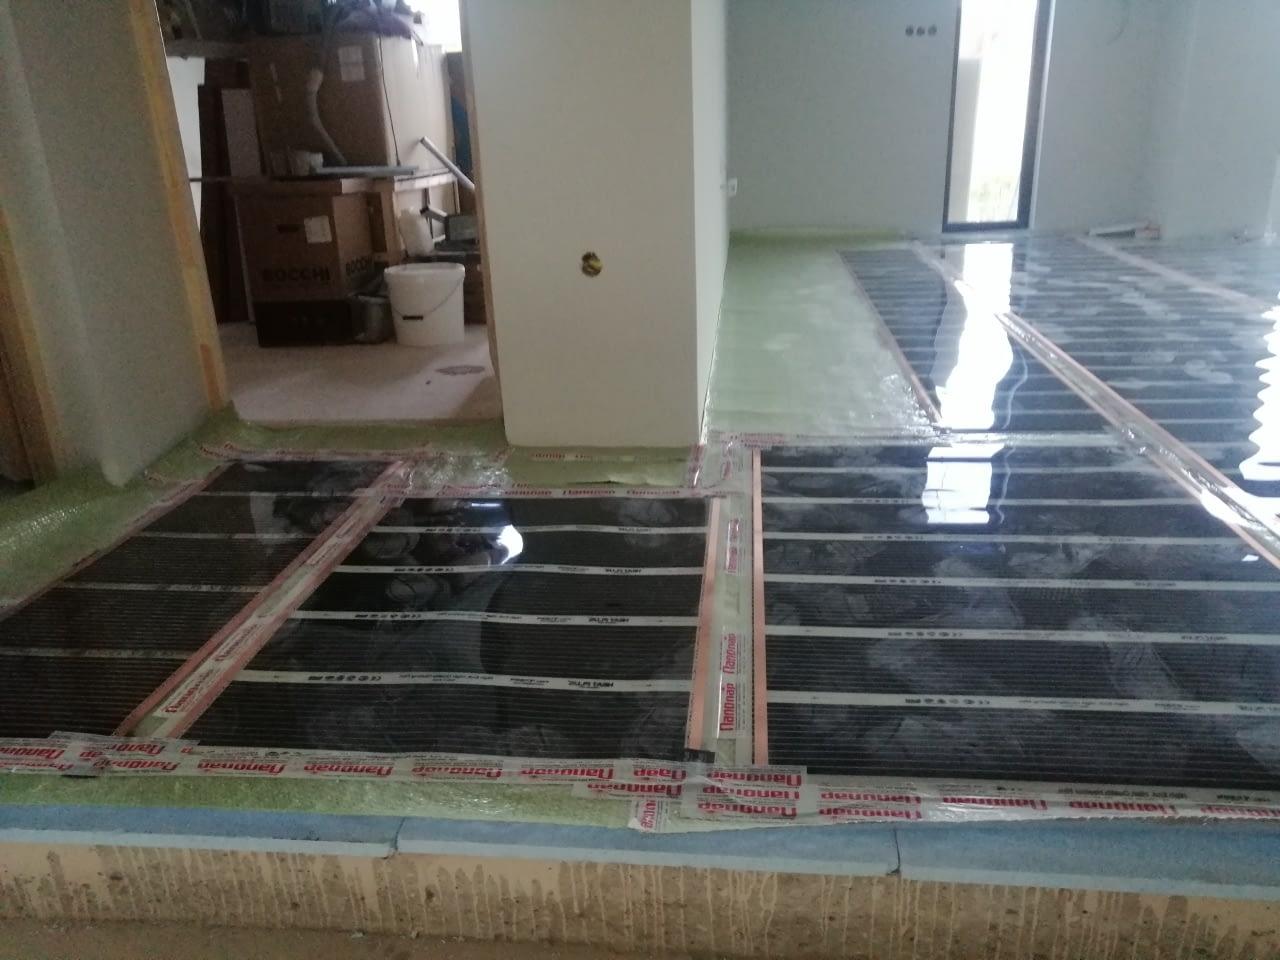 Infra padlófűtés kivietelezés orosháza (8)